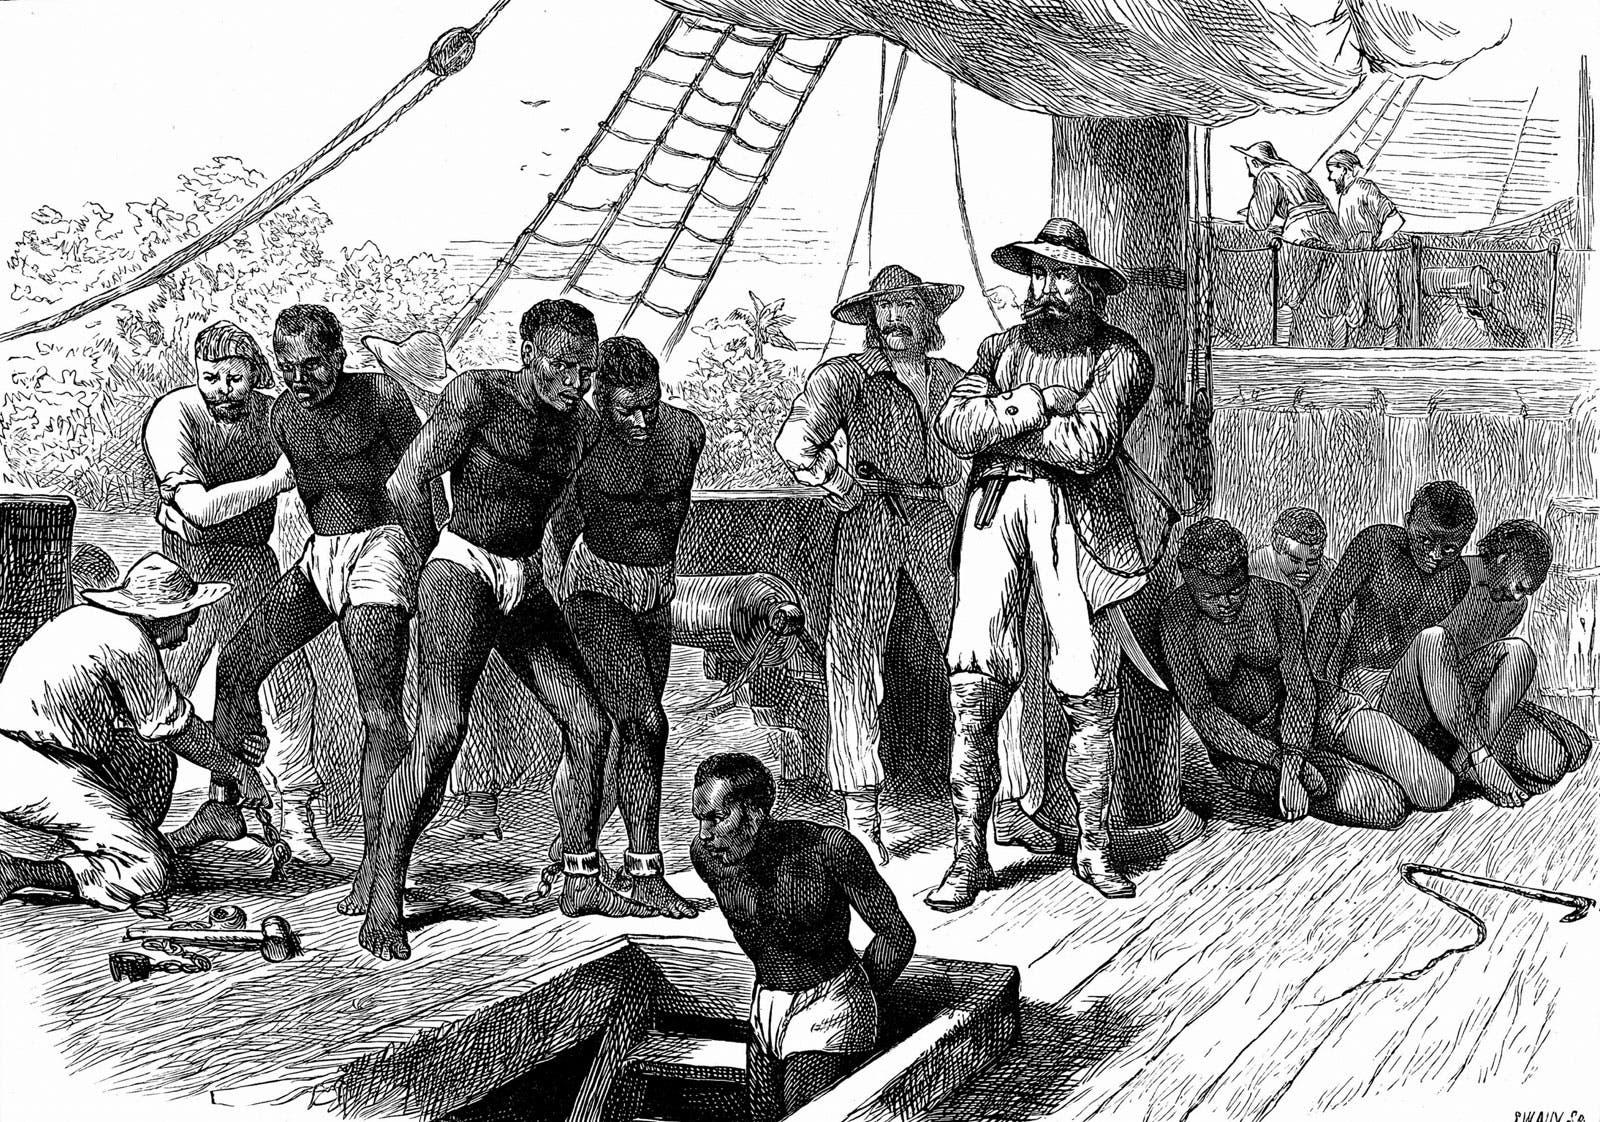 رسم تخيلي لعملية نقل عدد من العبيد من أفريقيا نحو العالم الجديد